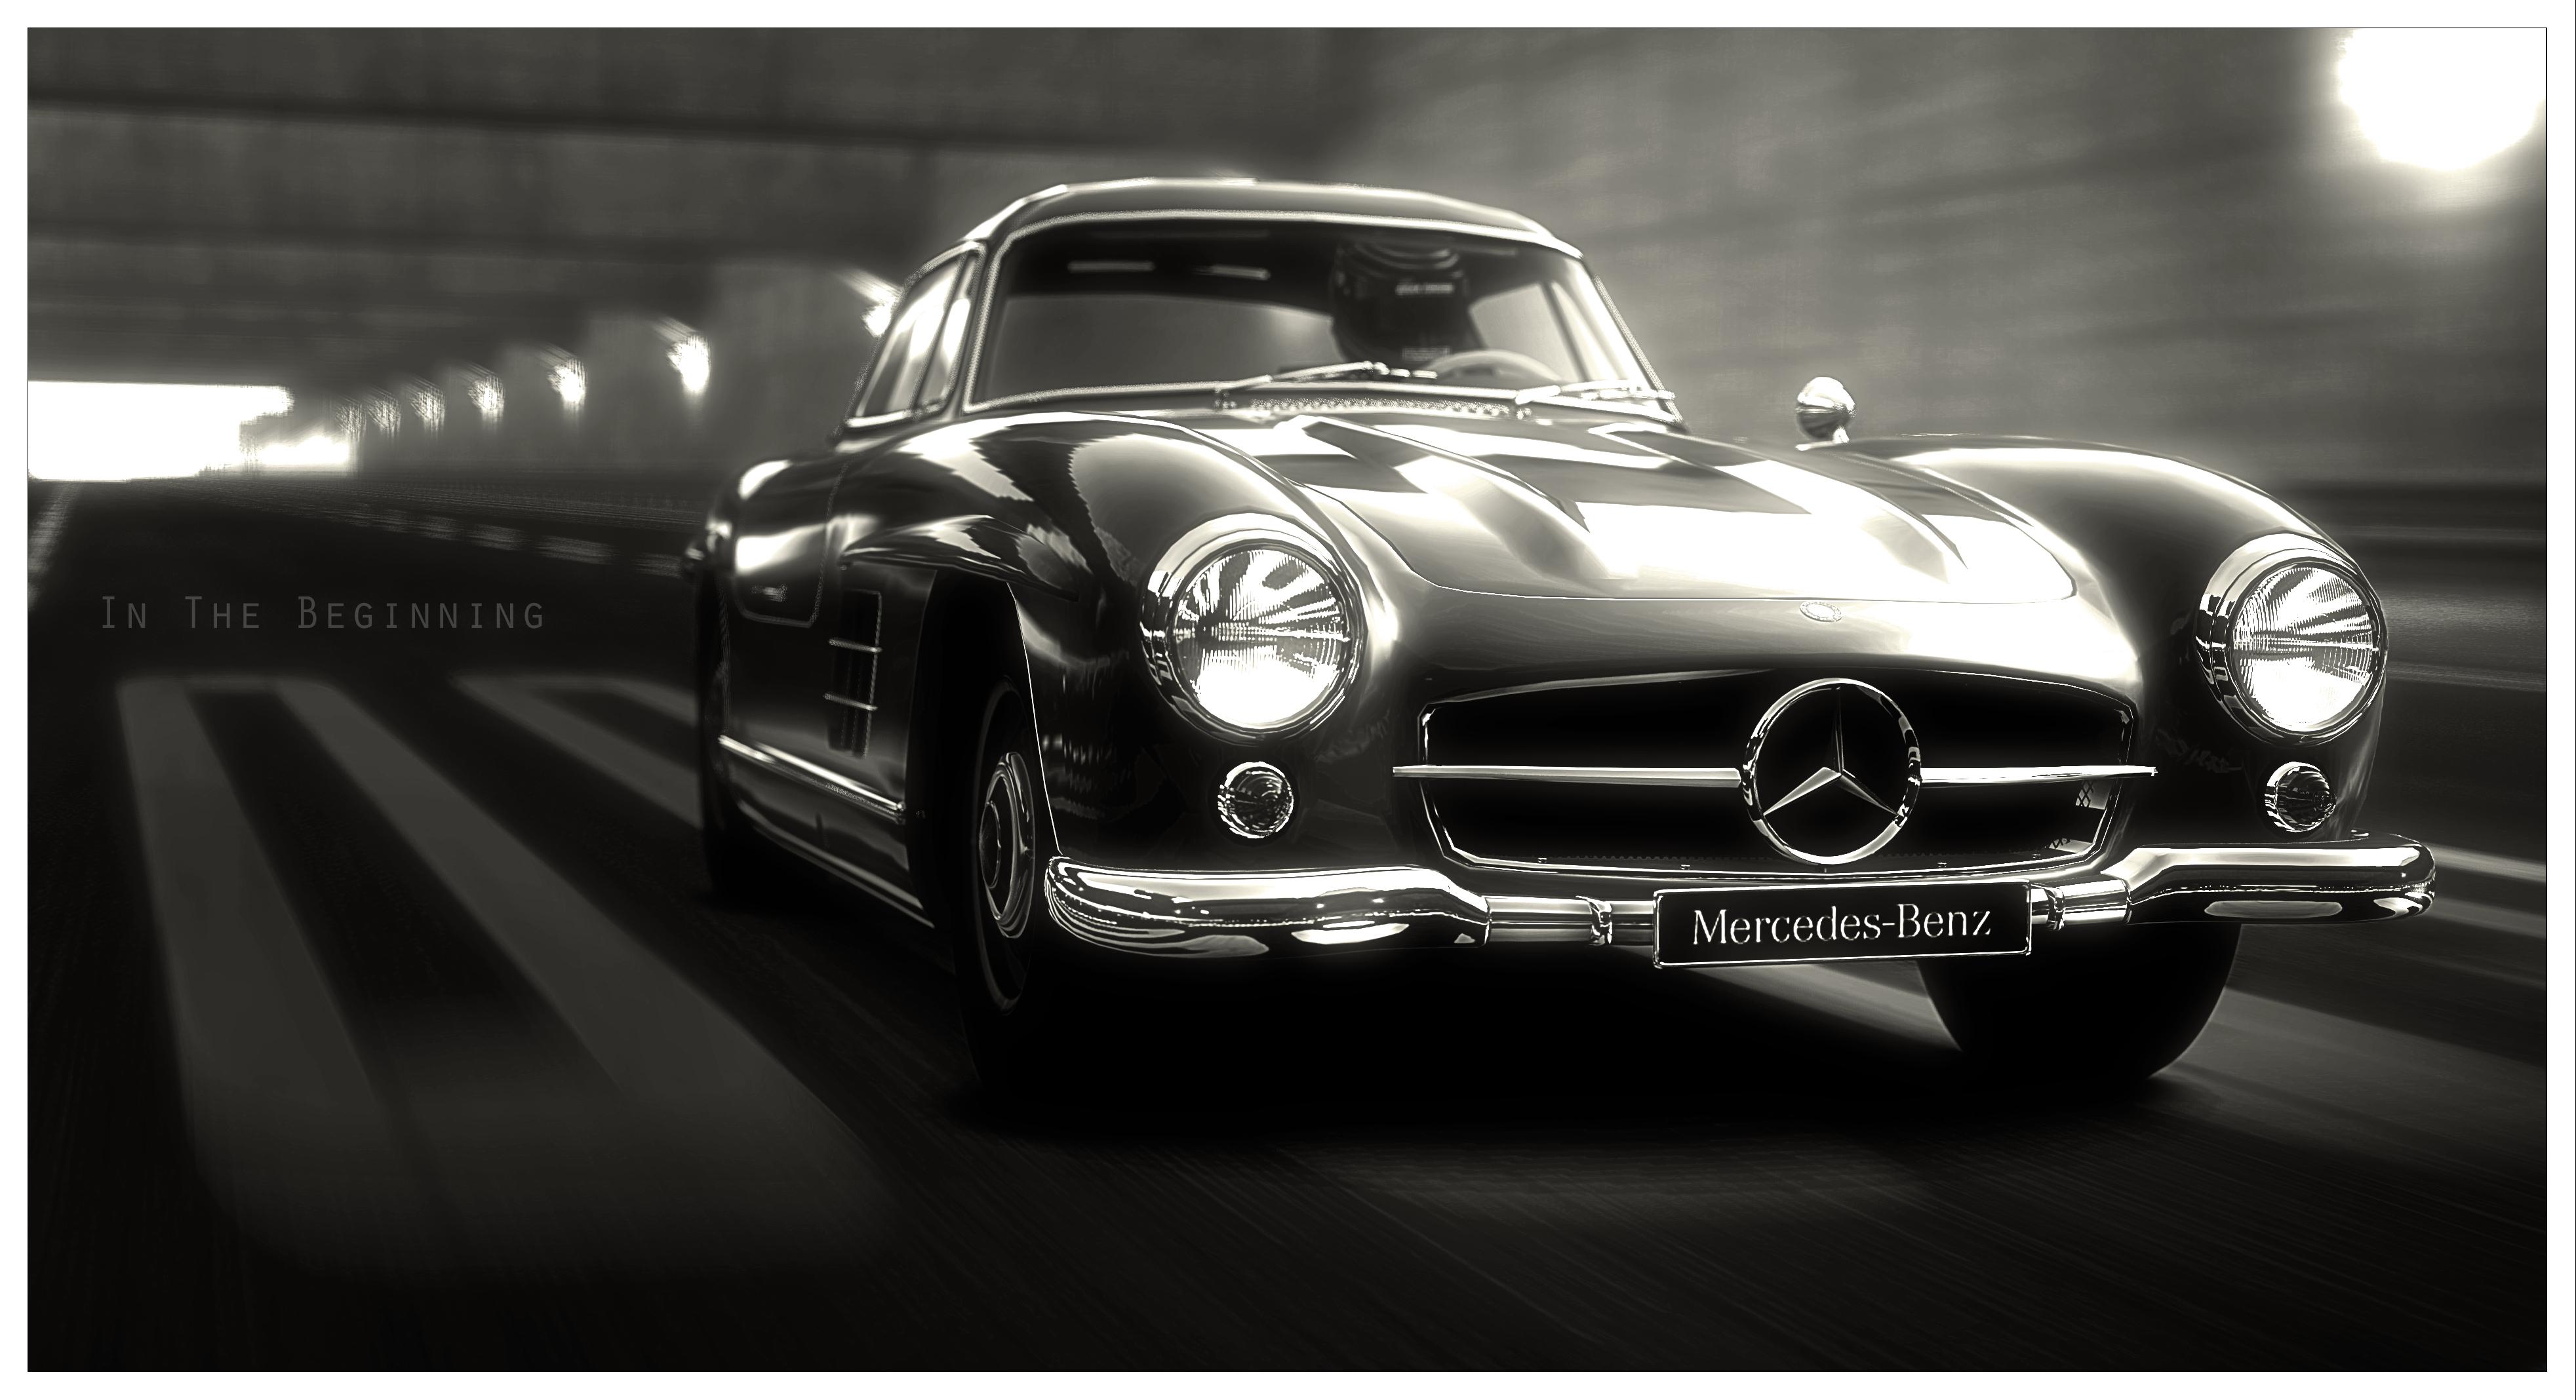 50s Classic Cars Wallpaper Wallpaper Mercedes Benz Sports Car Brand Classic Car